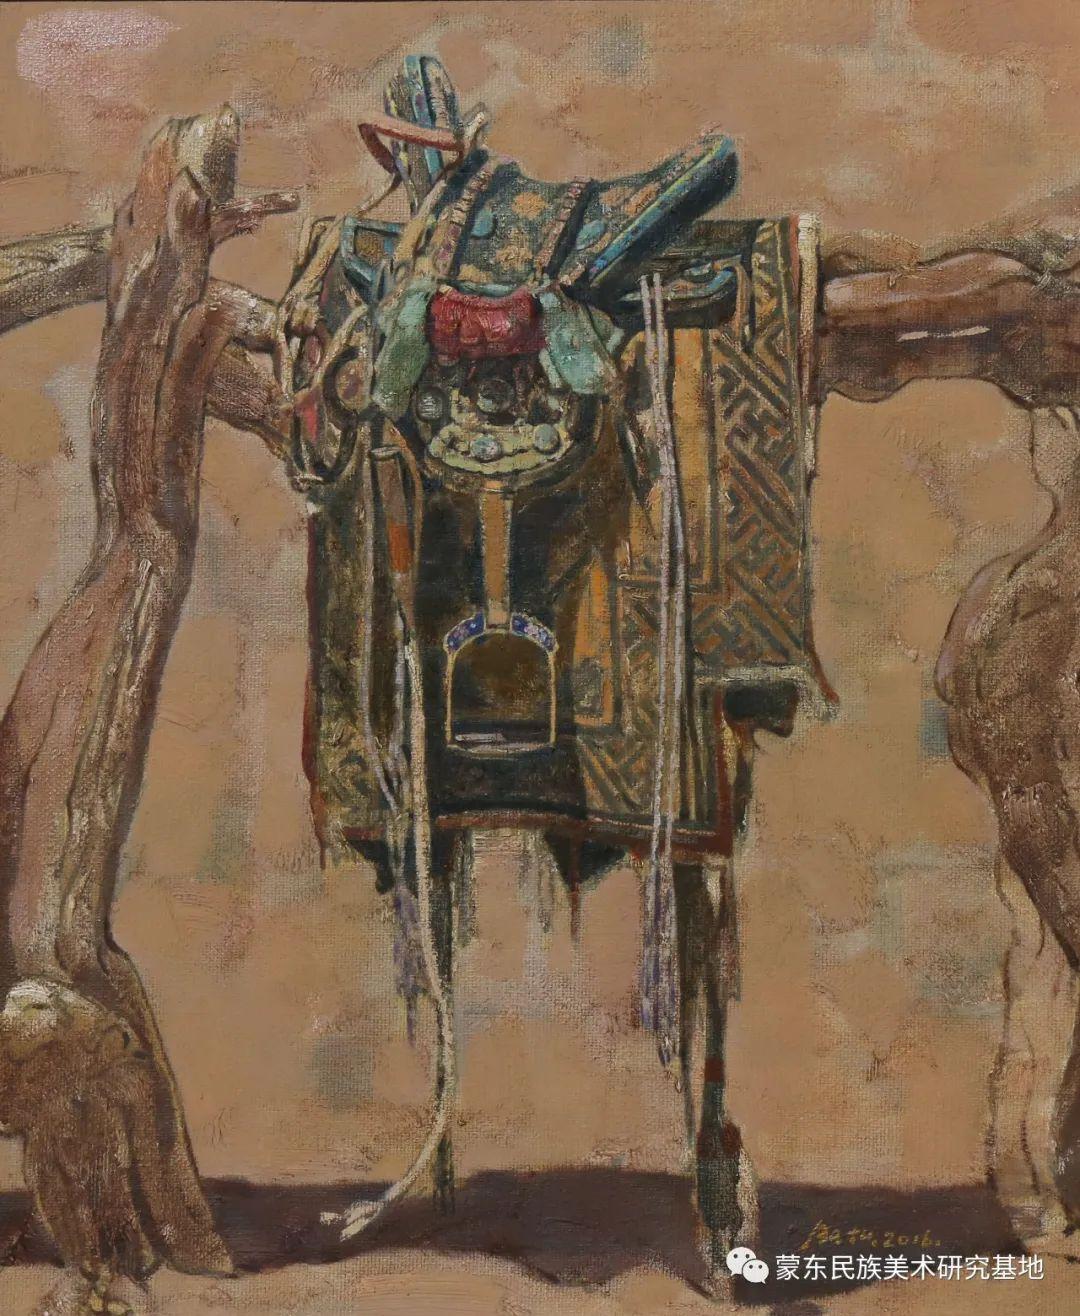 柯西格巴图油画作品——中国少数民族美术促进会,蒙东民族美术研究基地画家系列 第9张